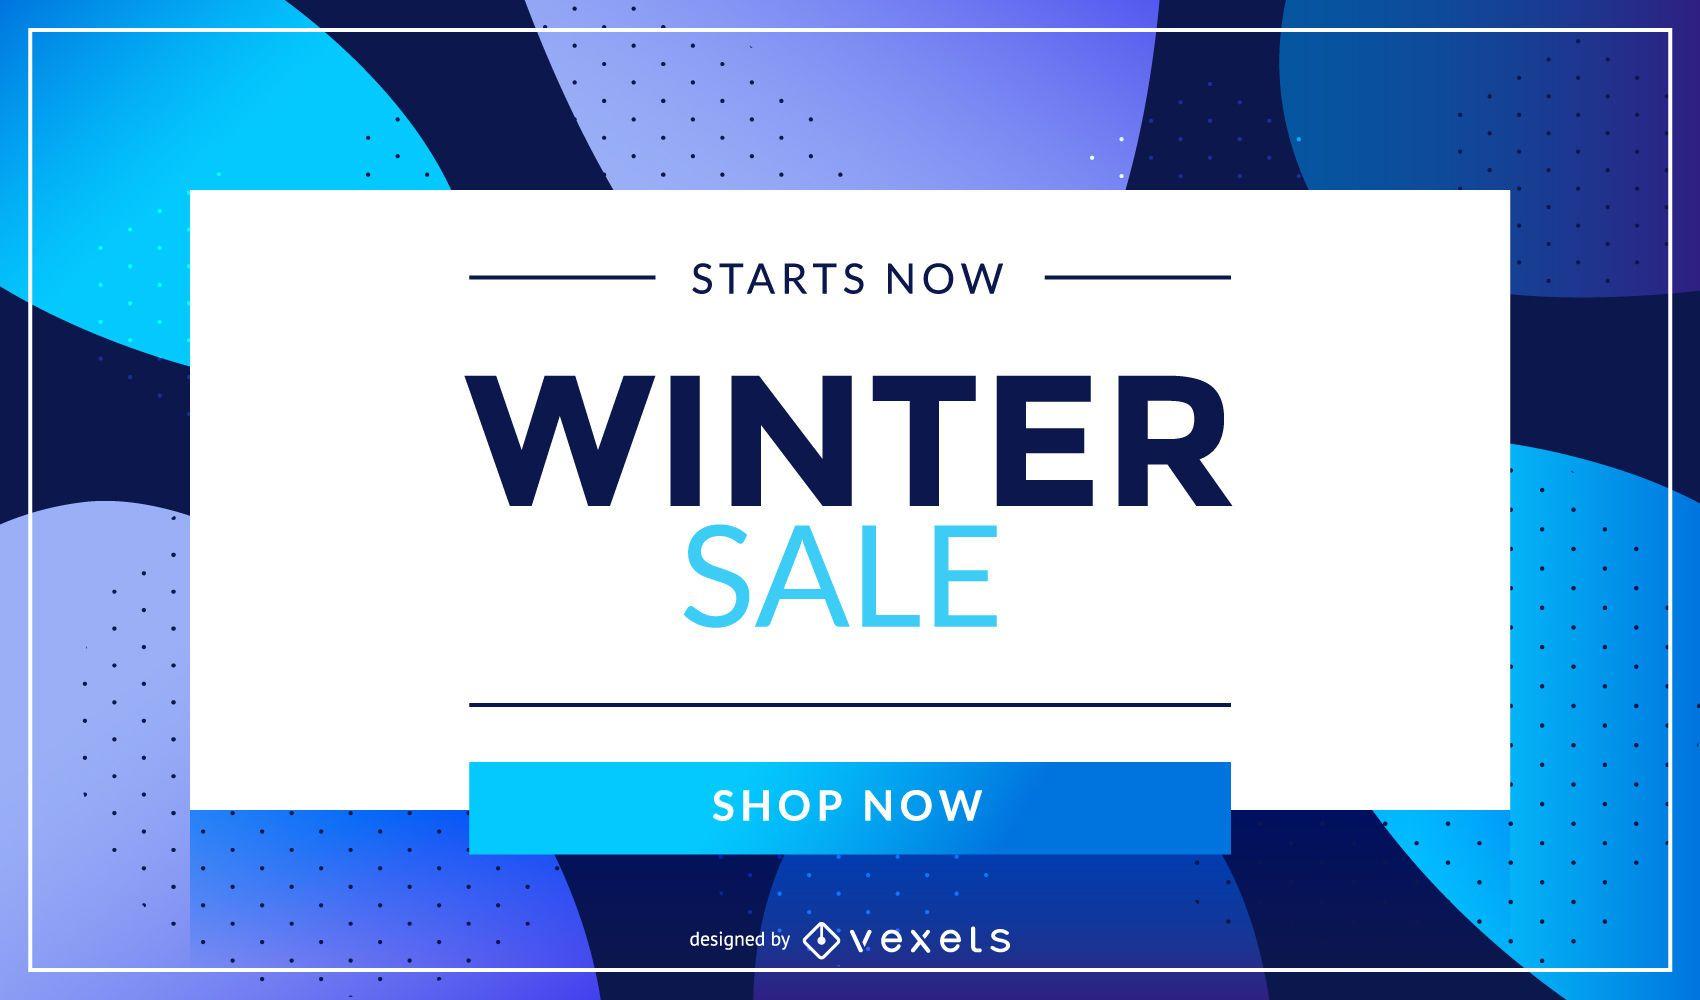 Winter Sale Shop Now Design